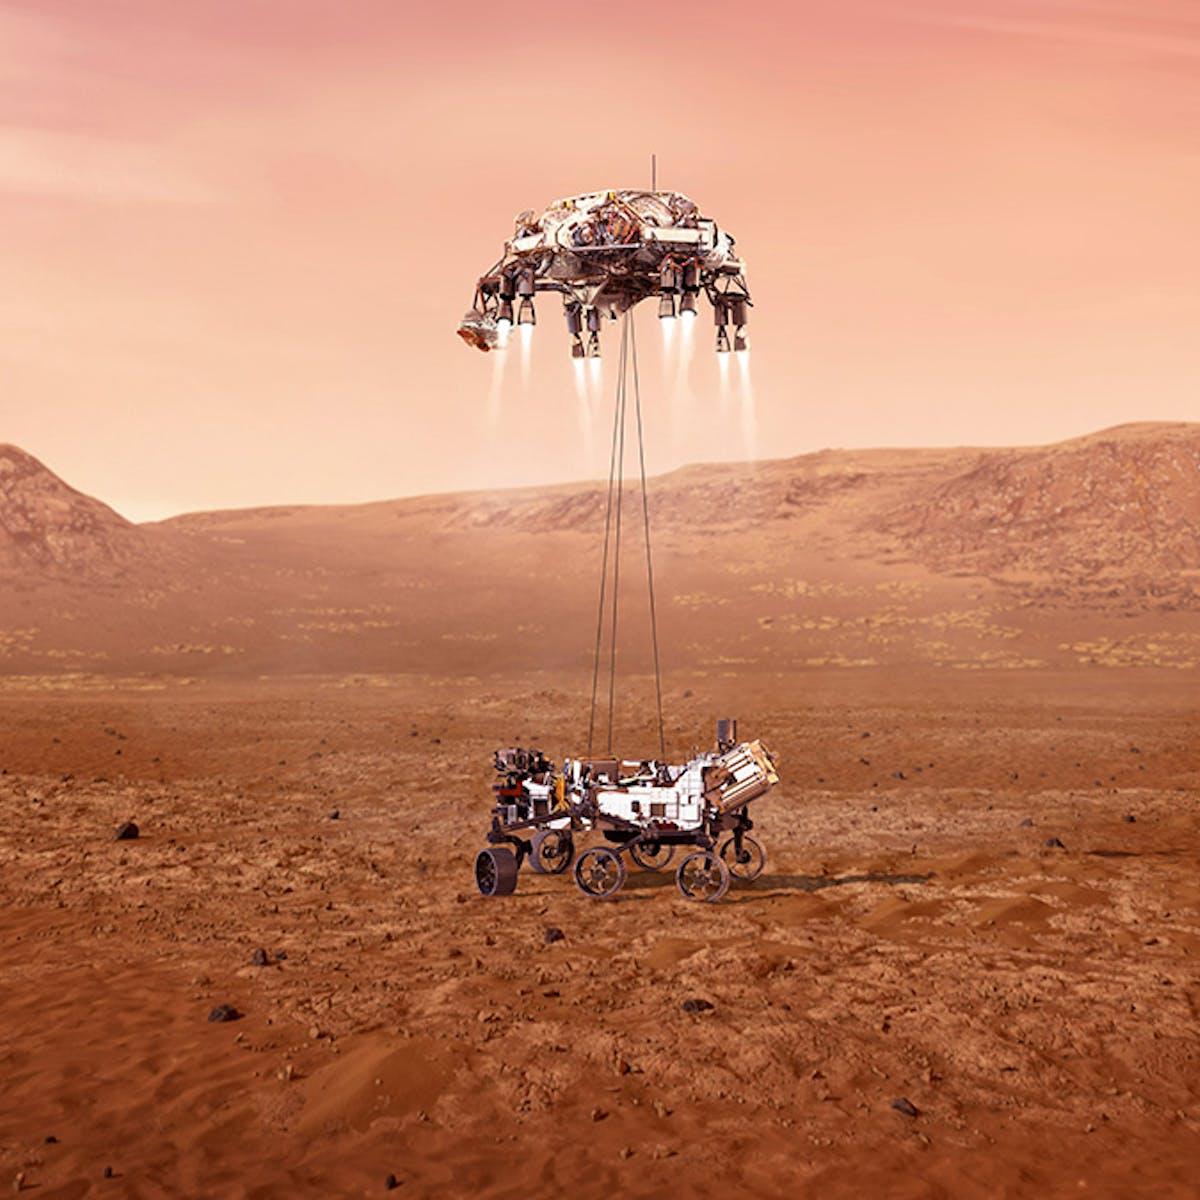 Bilderesultater for Perserverance rover